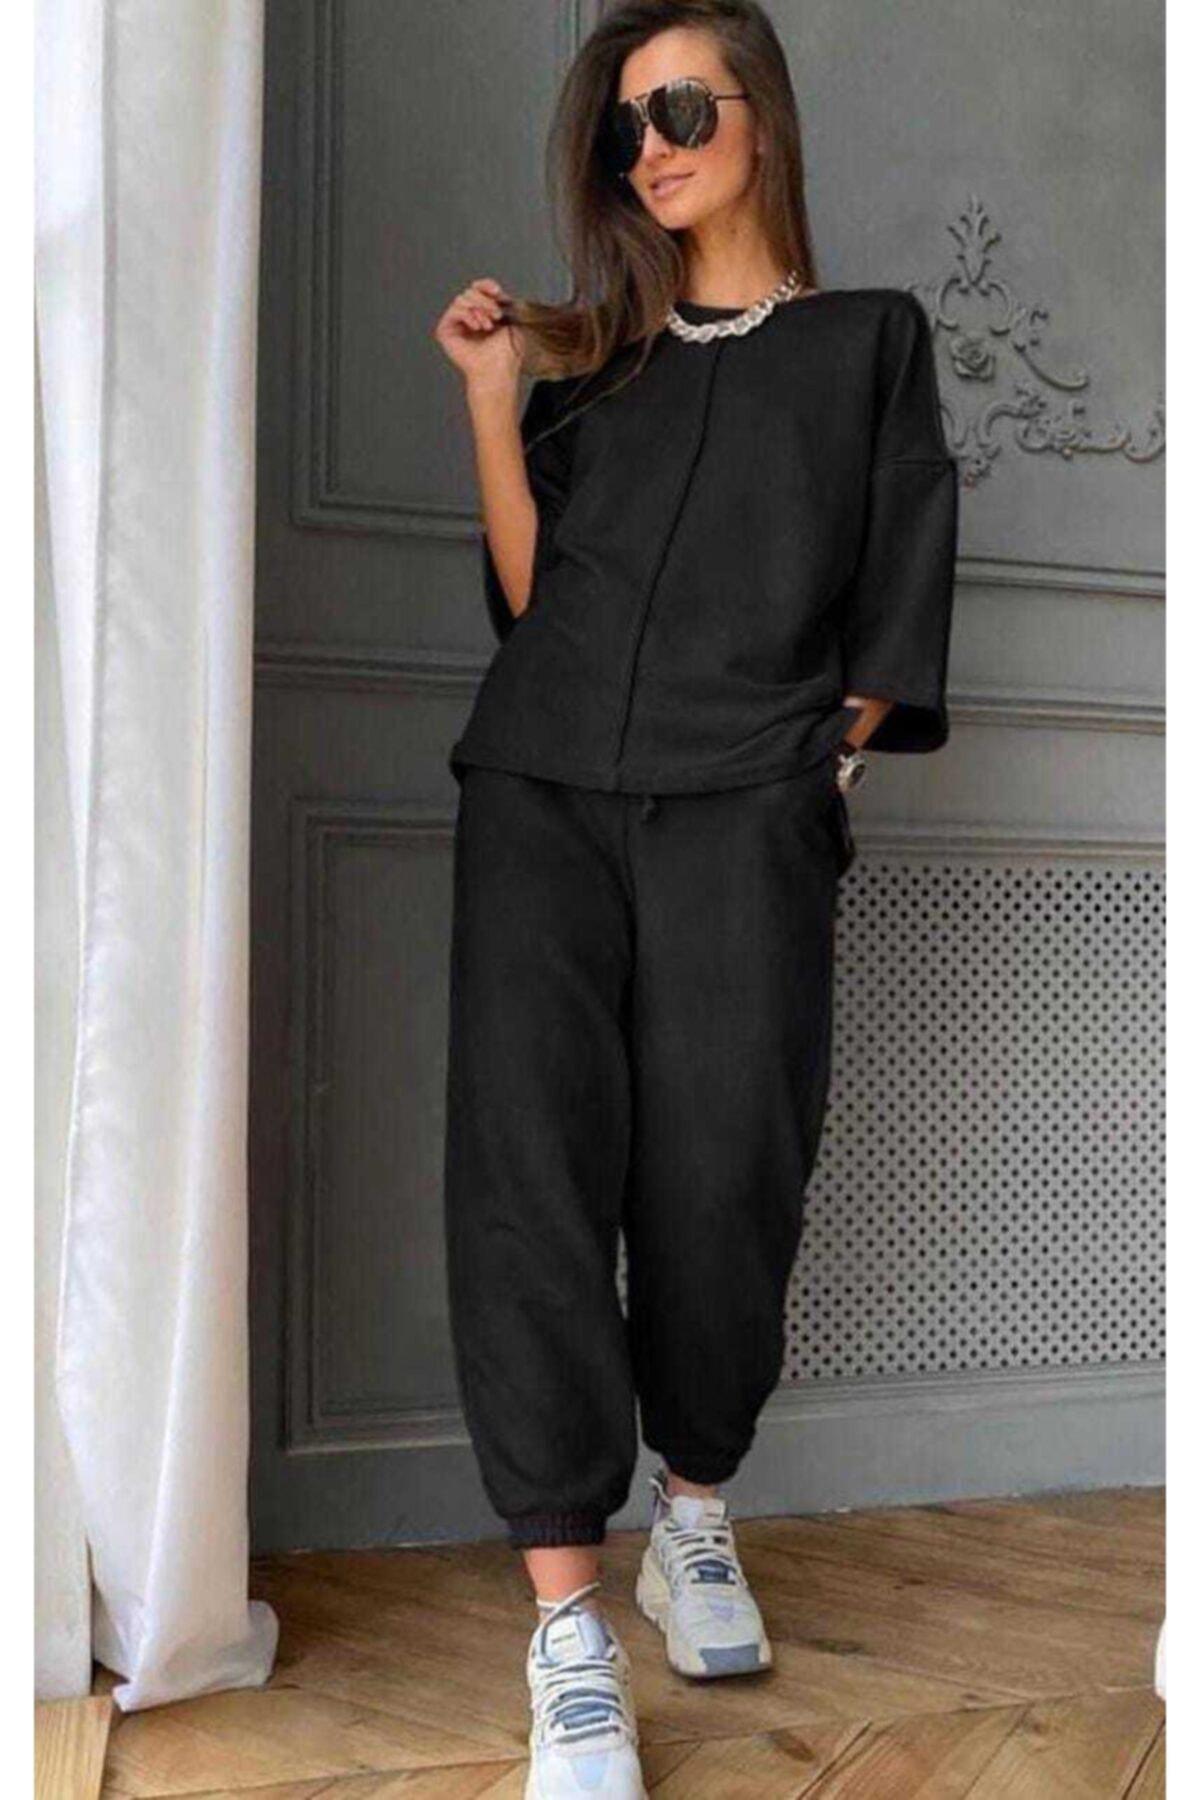 Kadın Siyah Renk Rengi Örme Alt Üst Eşofman Takımı Pantolon